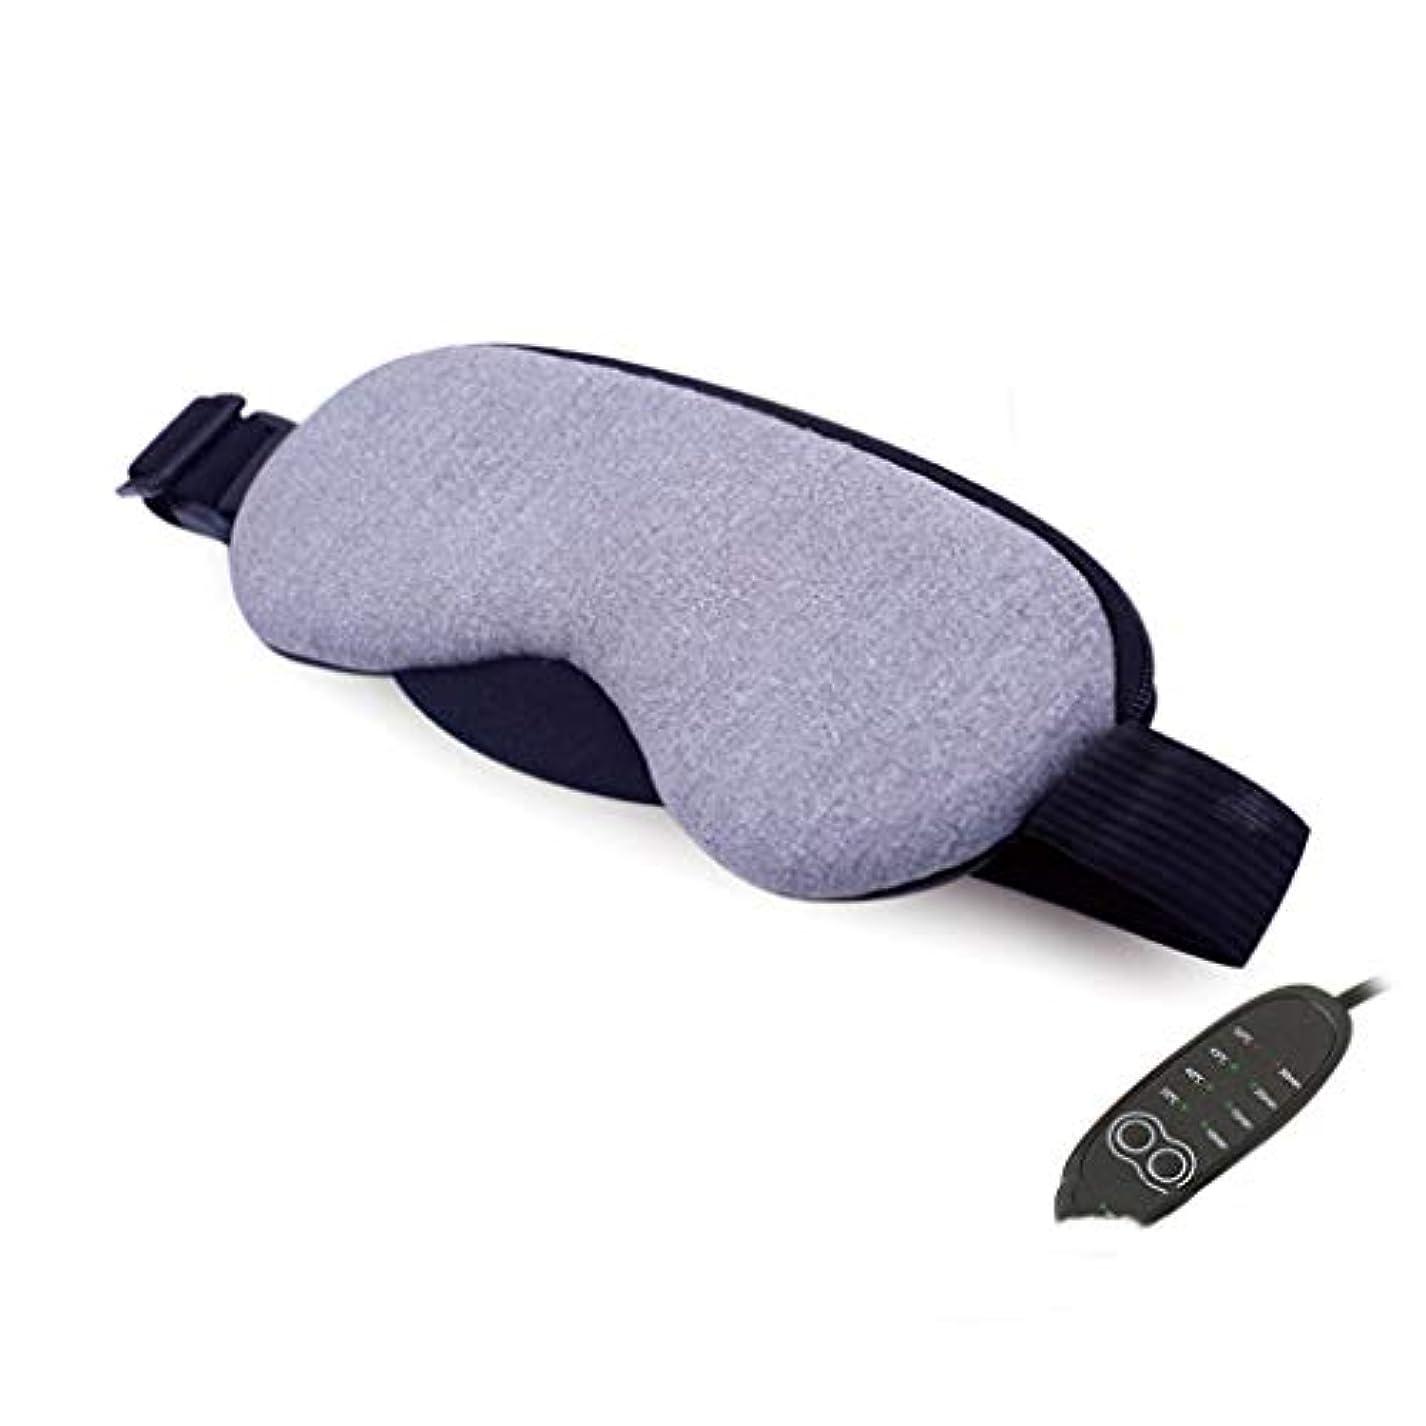 証人頬骨鳩加熱アイマッサージ - コットンアイマスク、暖かい夜のマッサージマスク、電気USB暖房パッド、調節可能な温度調節、眼瞼炎を和らげるように設計された、乾燥、ストレスのある、腫れぼったい目